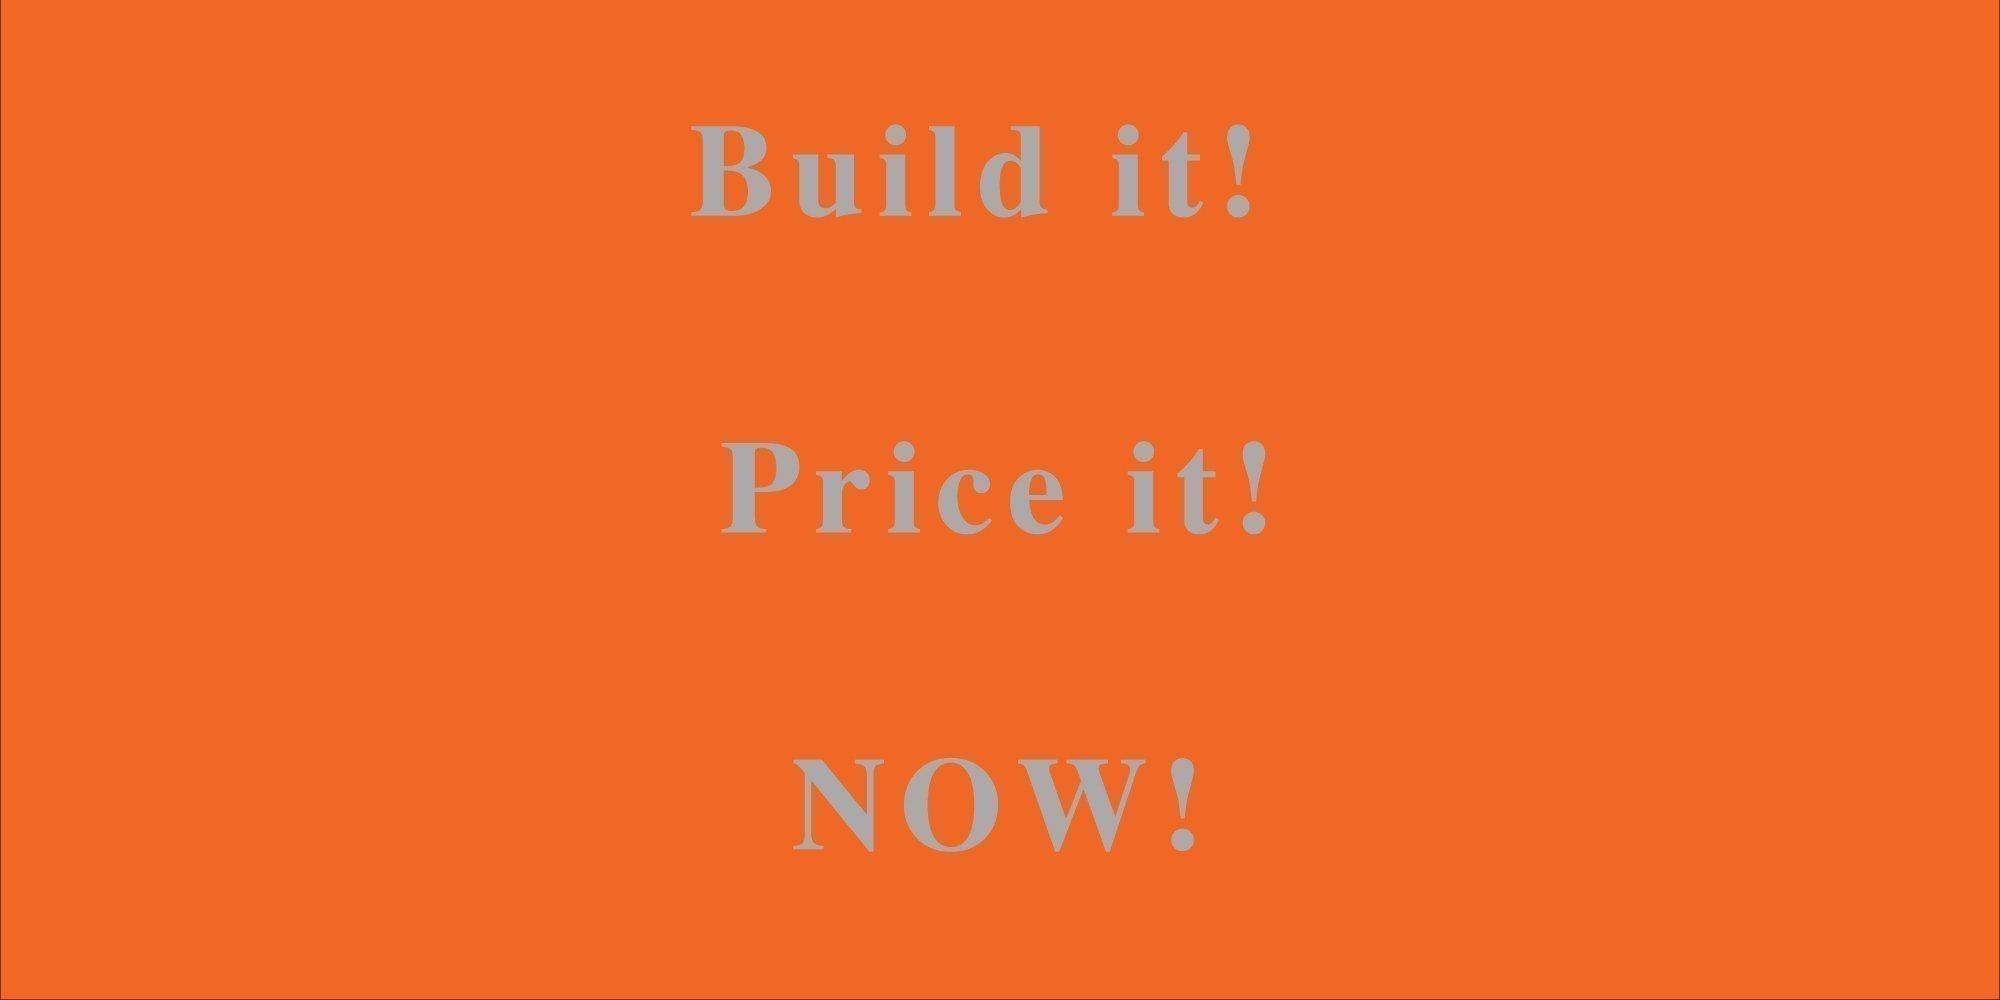 Build it Price it1